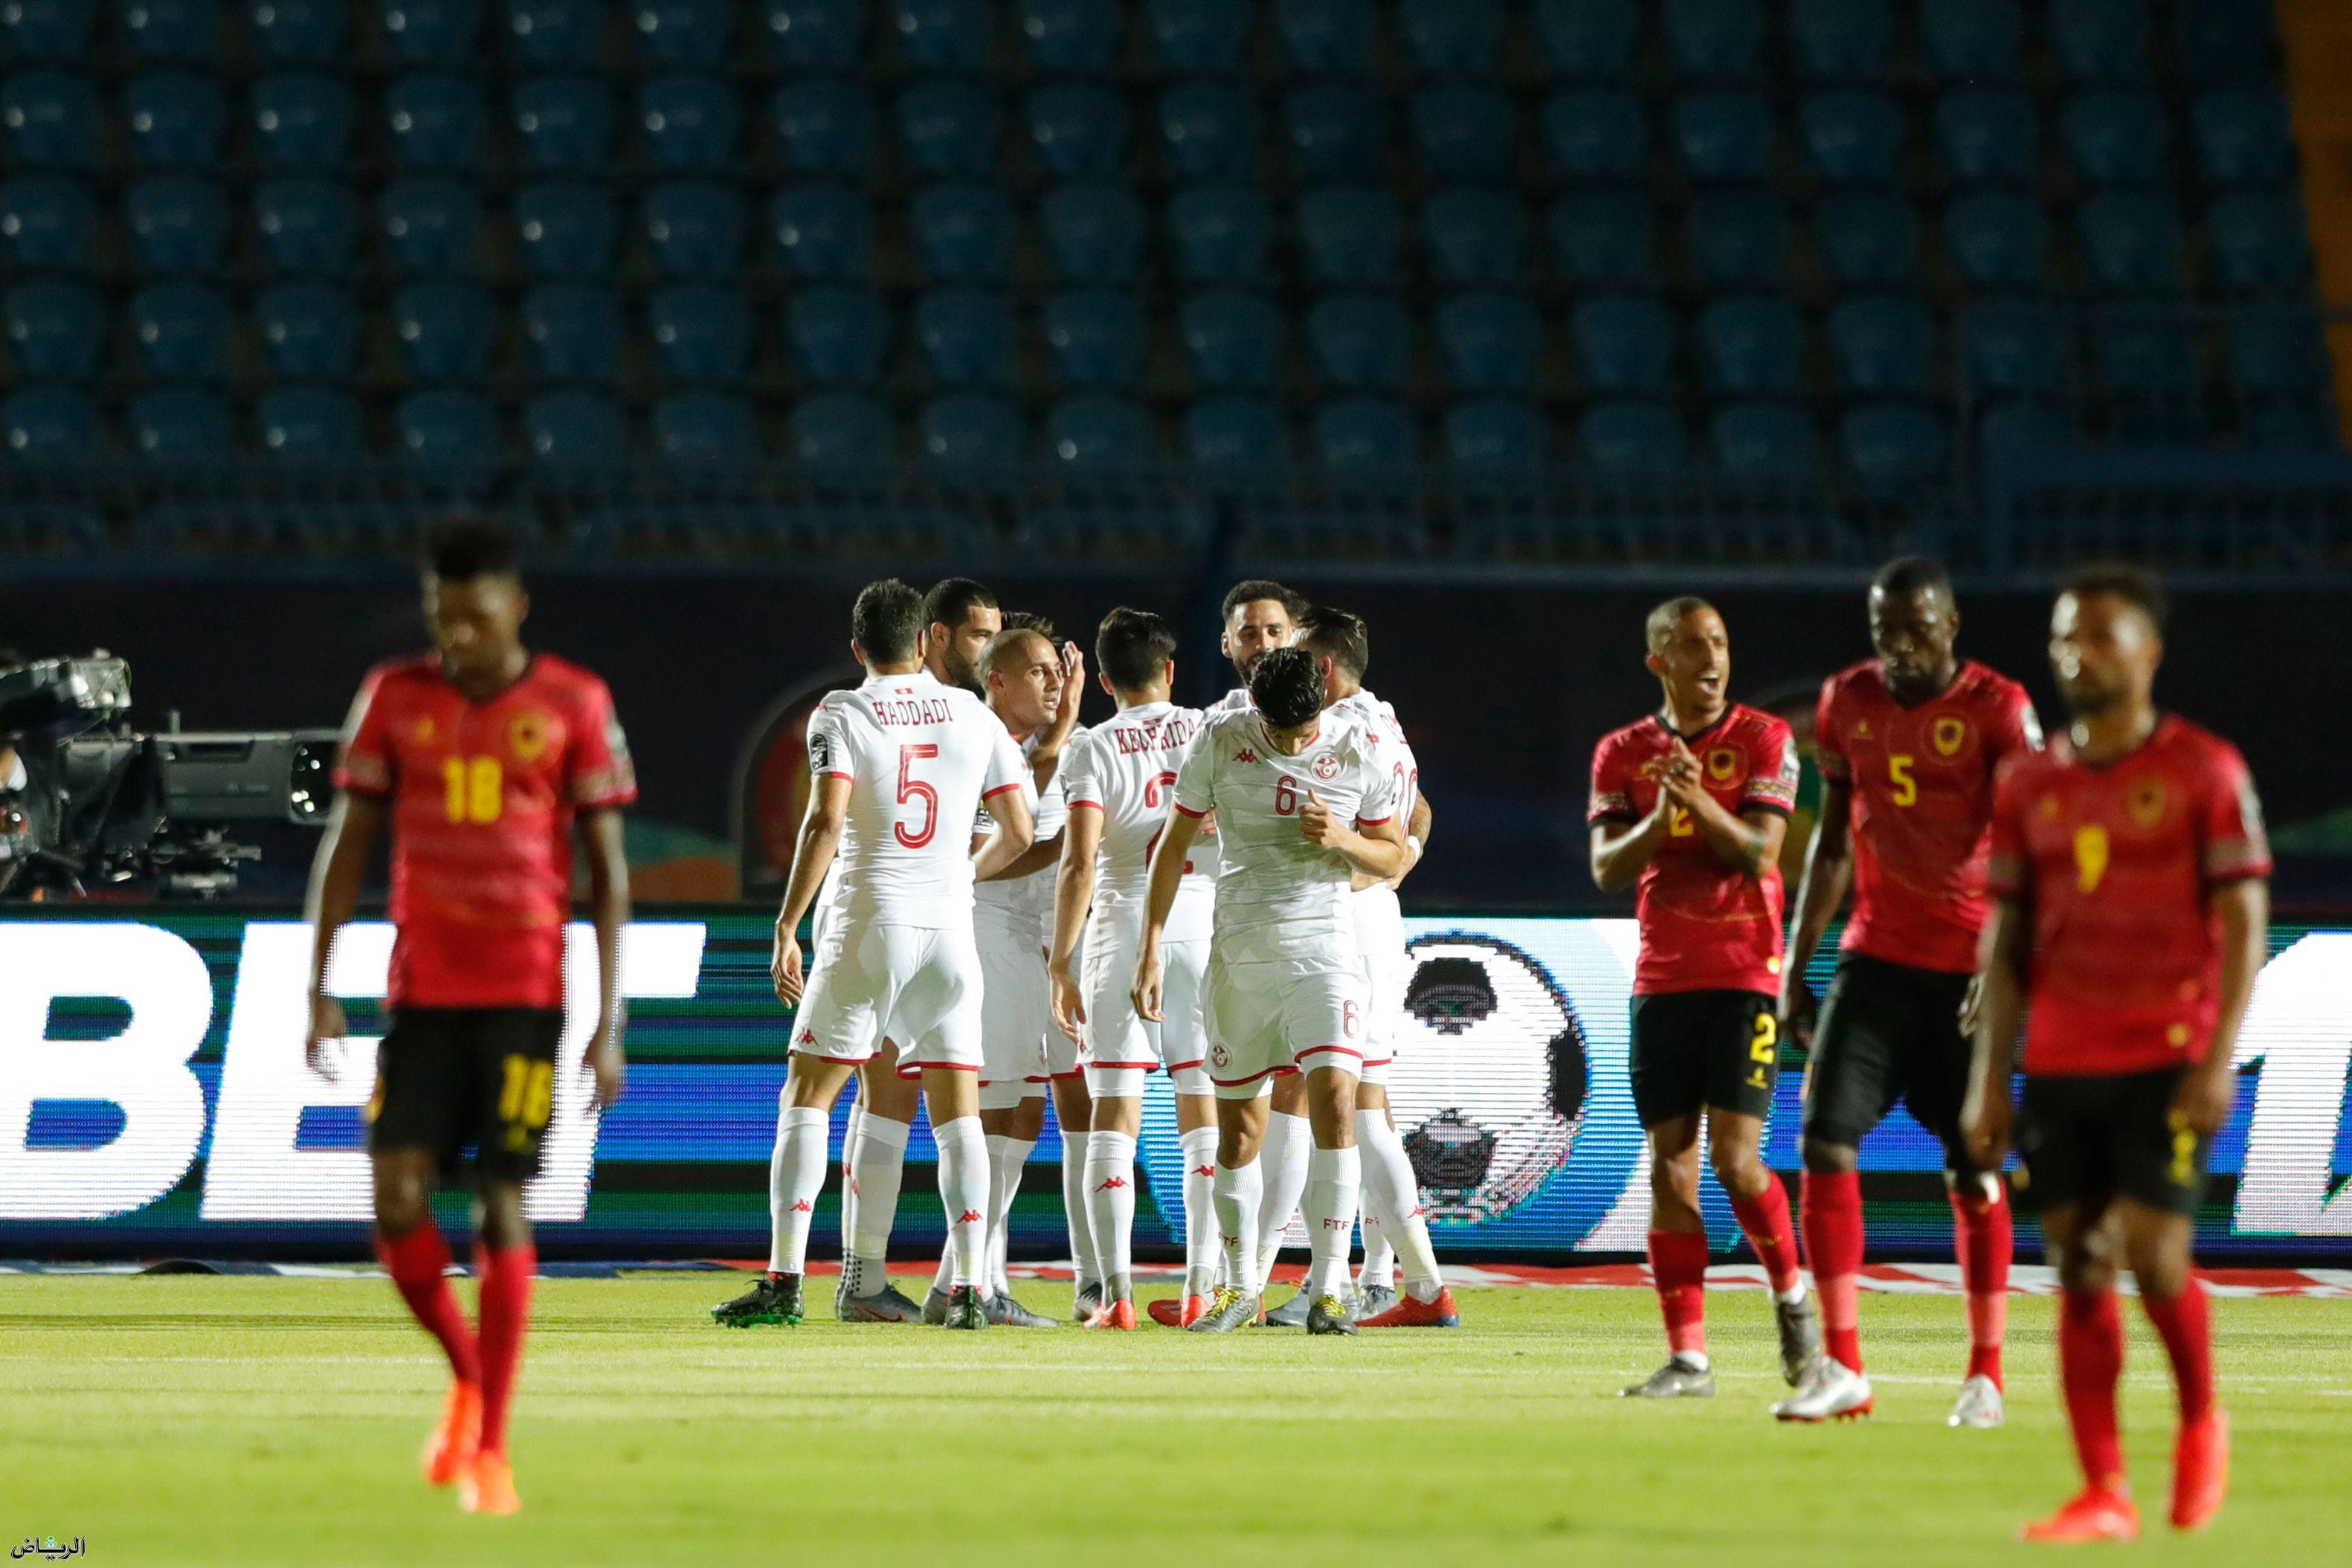 جماهير تونس أشادت باستاد السويس